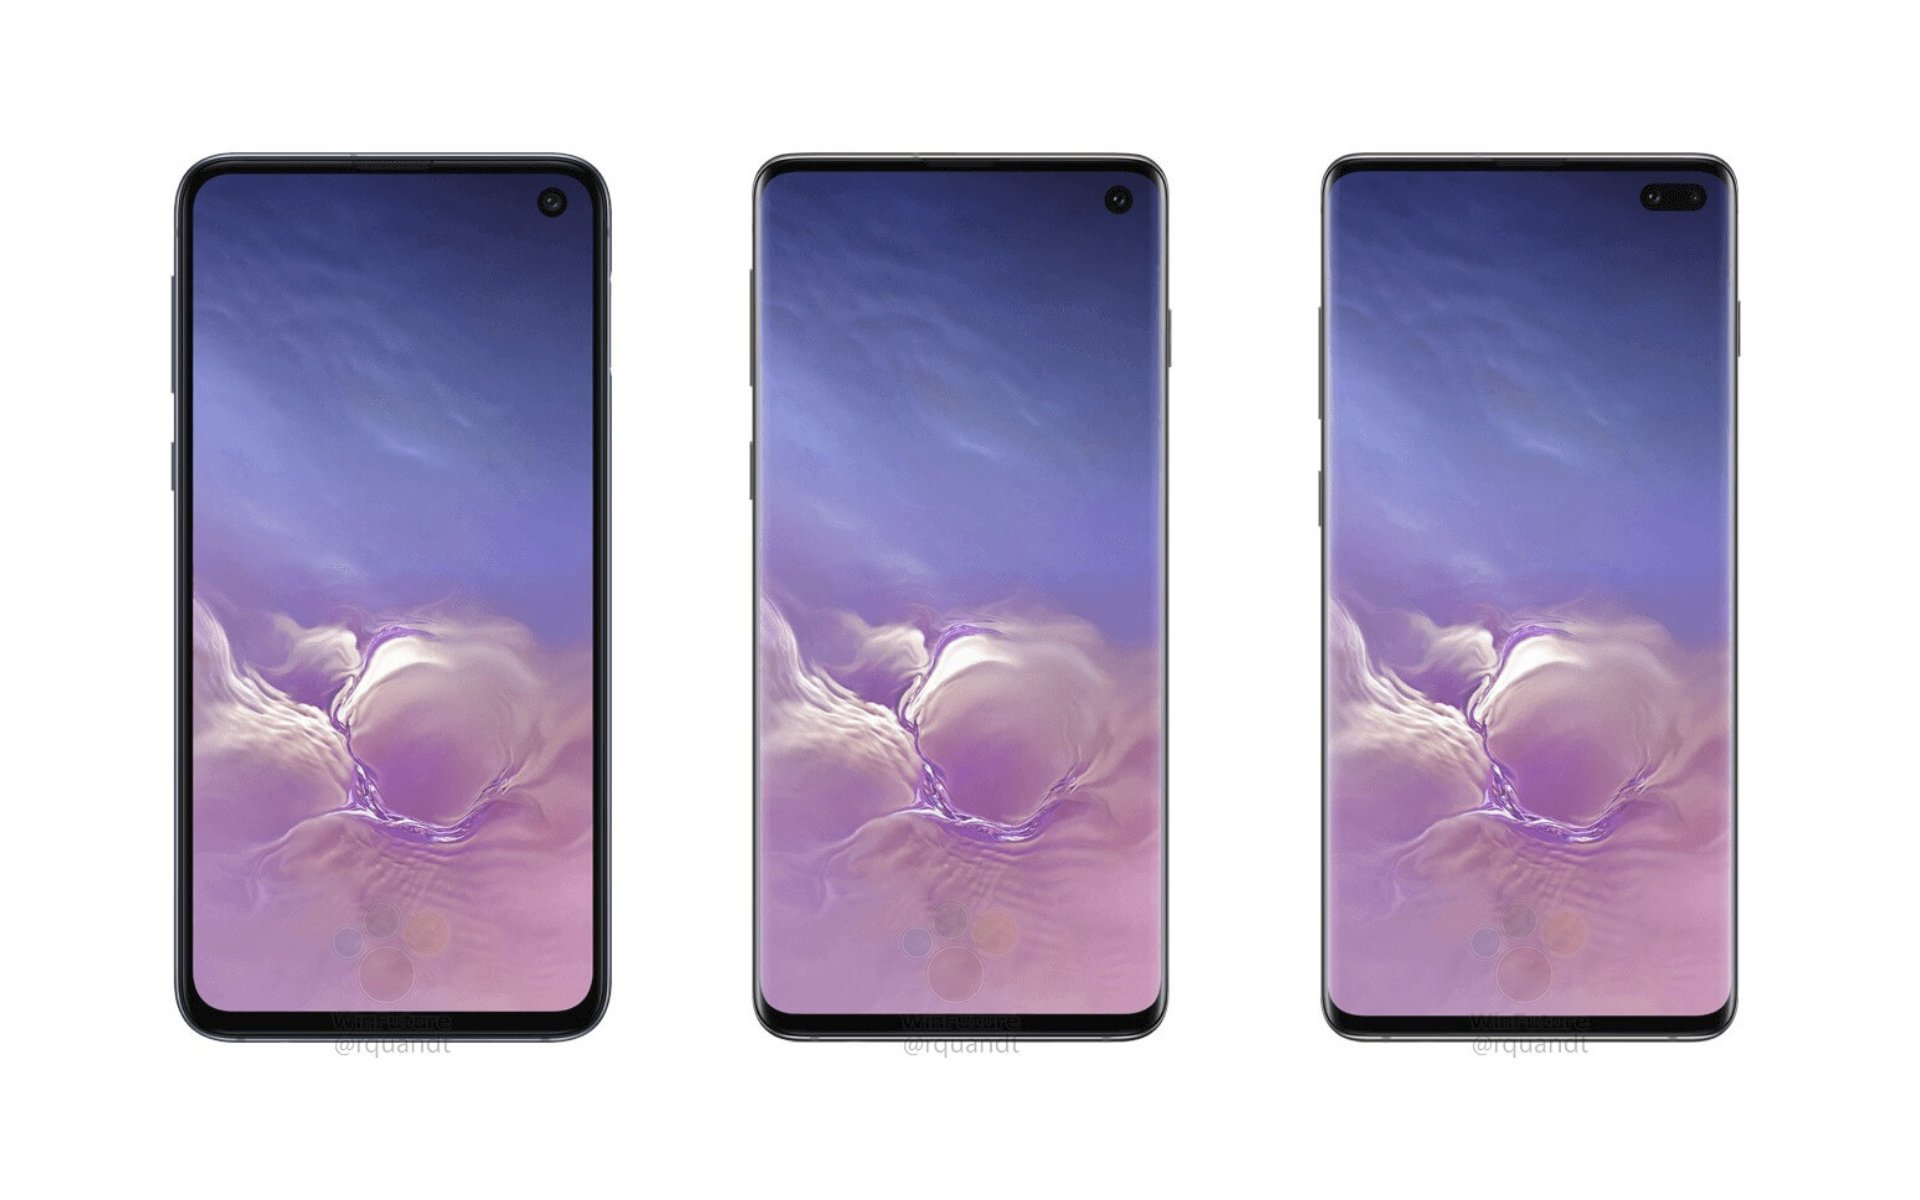 Samsung Galaxy S10 : une boutique dévoile la date des précommandes